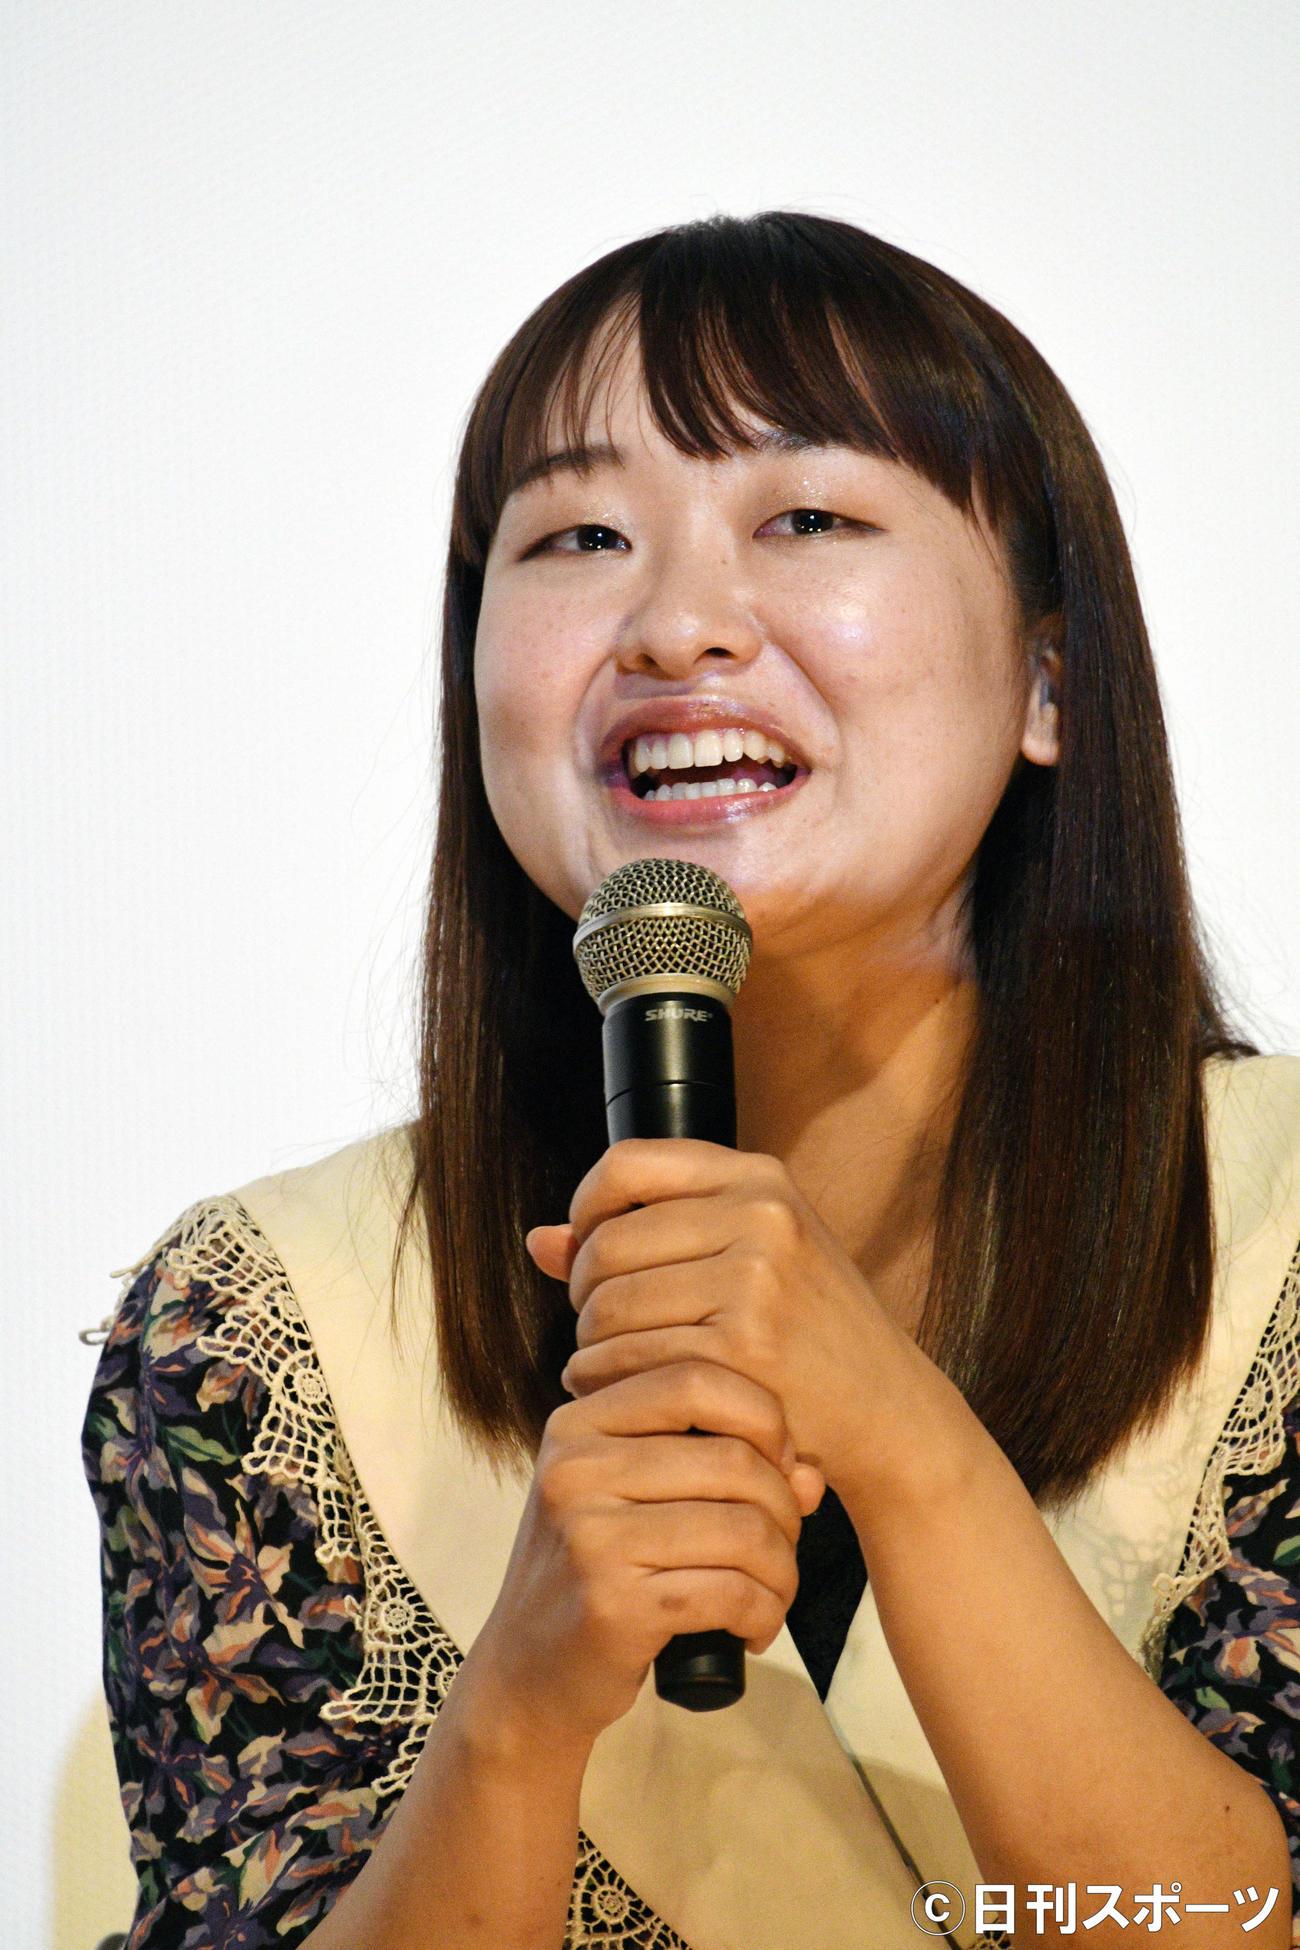 映画「私をくいとめて」公開記念スペシャルトークイベントで話す吉住(2020年12月29日撮影)